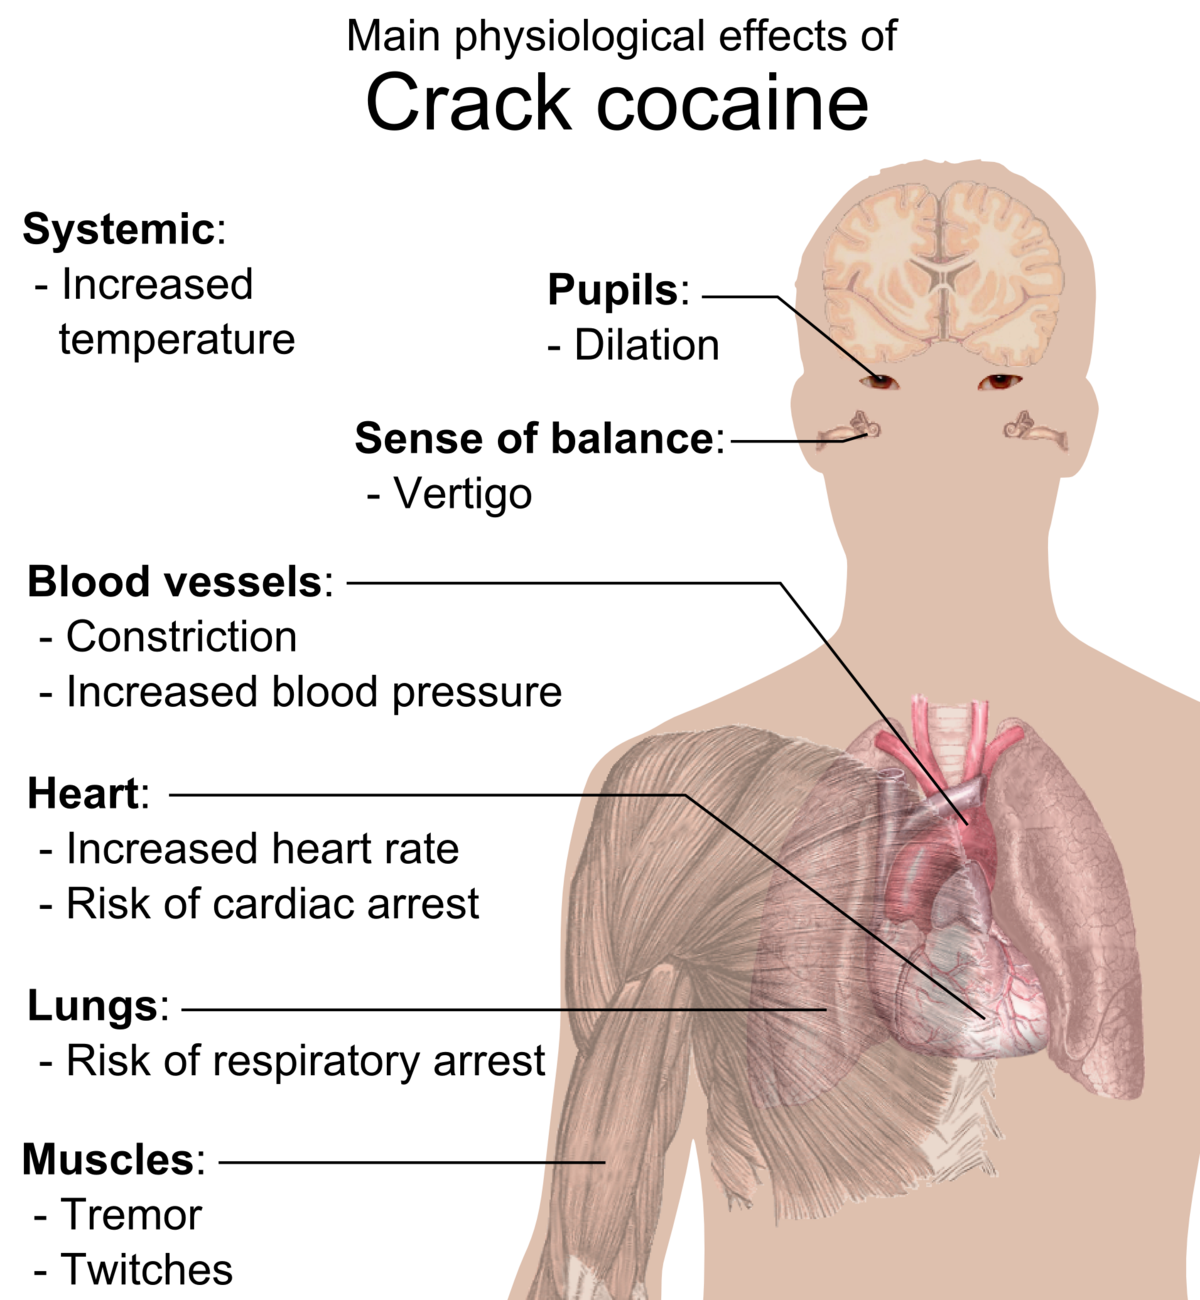 kenőcsök pikkelysömörhöz a holt tengerrl folyékony nitrogén pikkelysömör kezelés vélemények